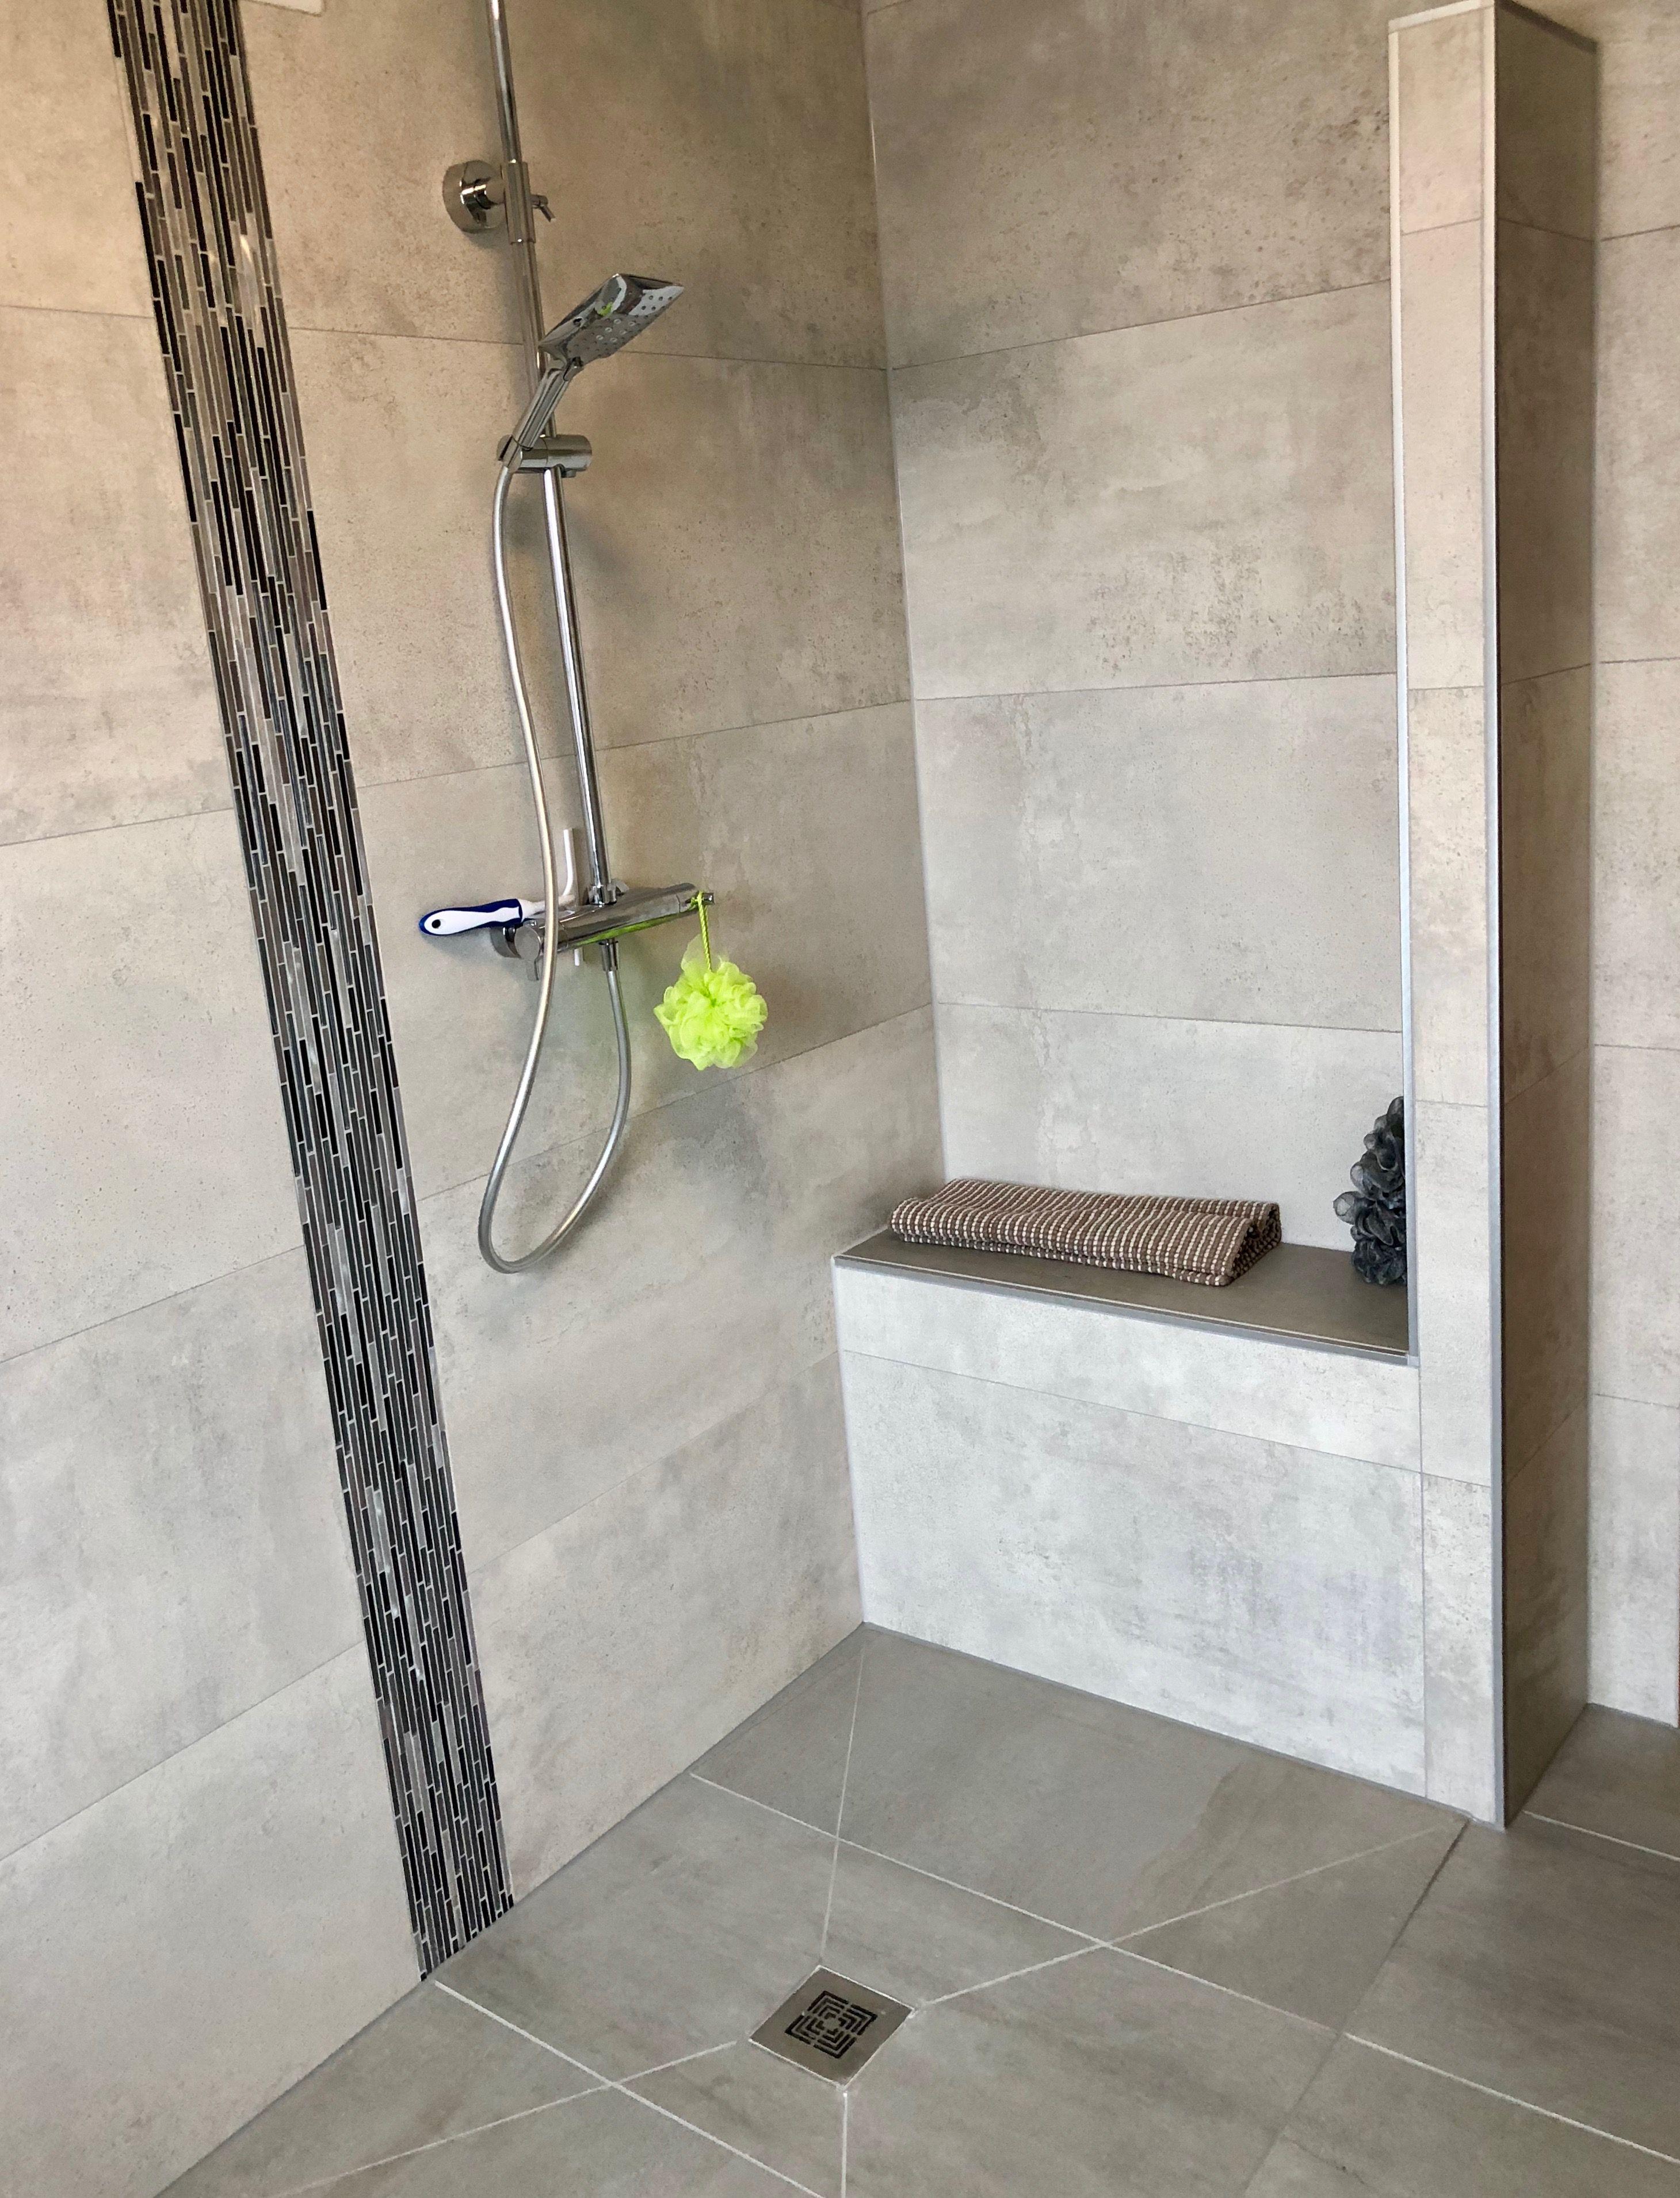 Sitzfläche in Verbindung mit einer bodengleichen Dusche